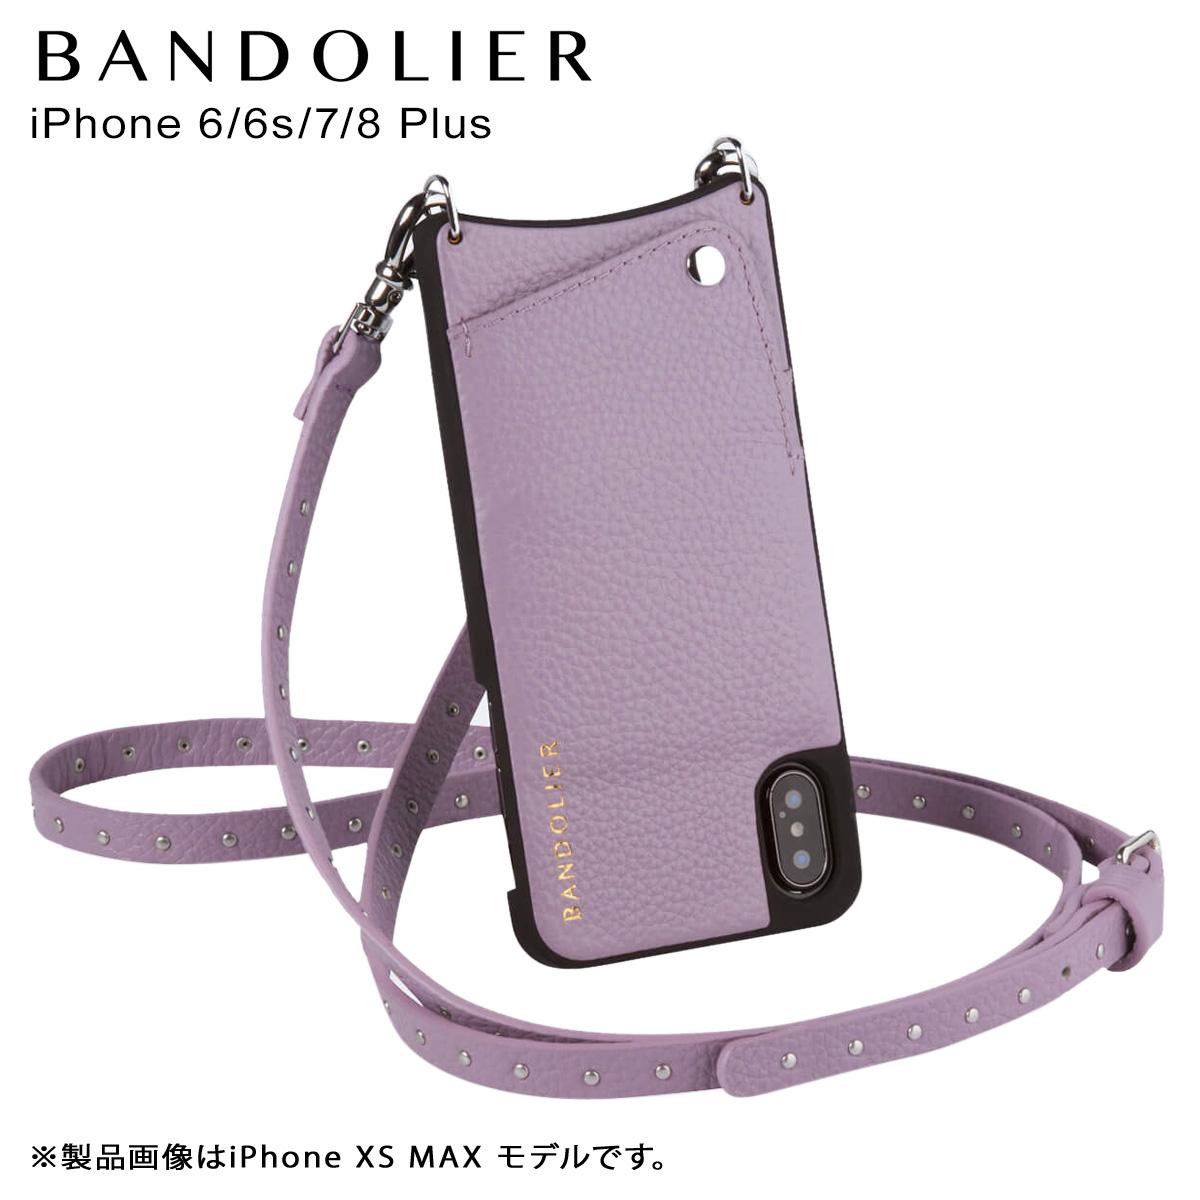 バンドリヤー BANDOLIER iPhone8Plus iPhone7Plus 6sPlus ケース ショルダー スマホ アイフォン レザー NICOLE LILAC メンズ レディース ライラック 10NIC1001